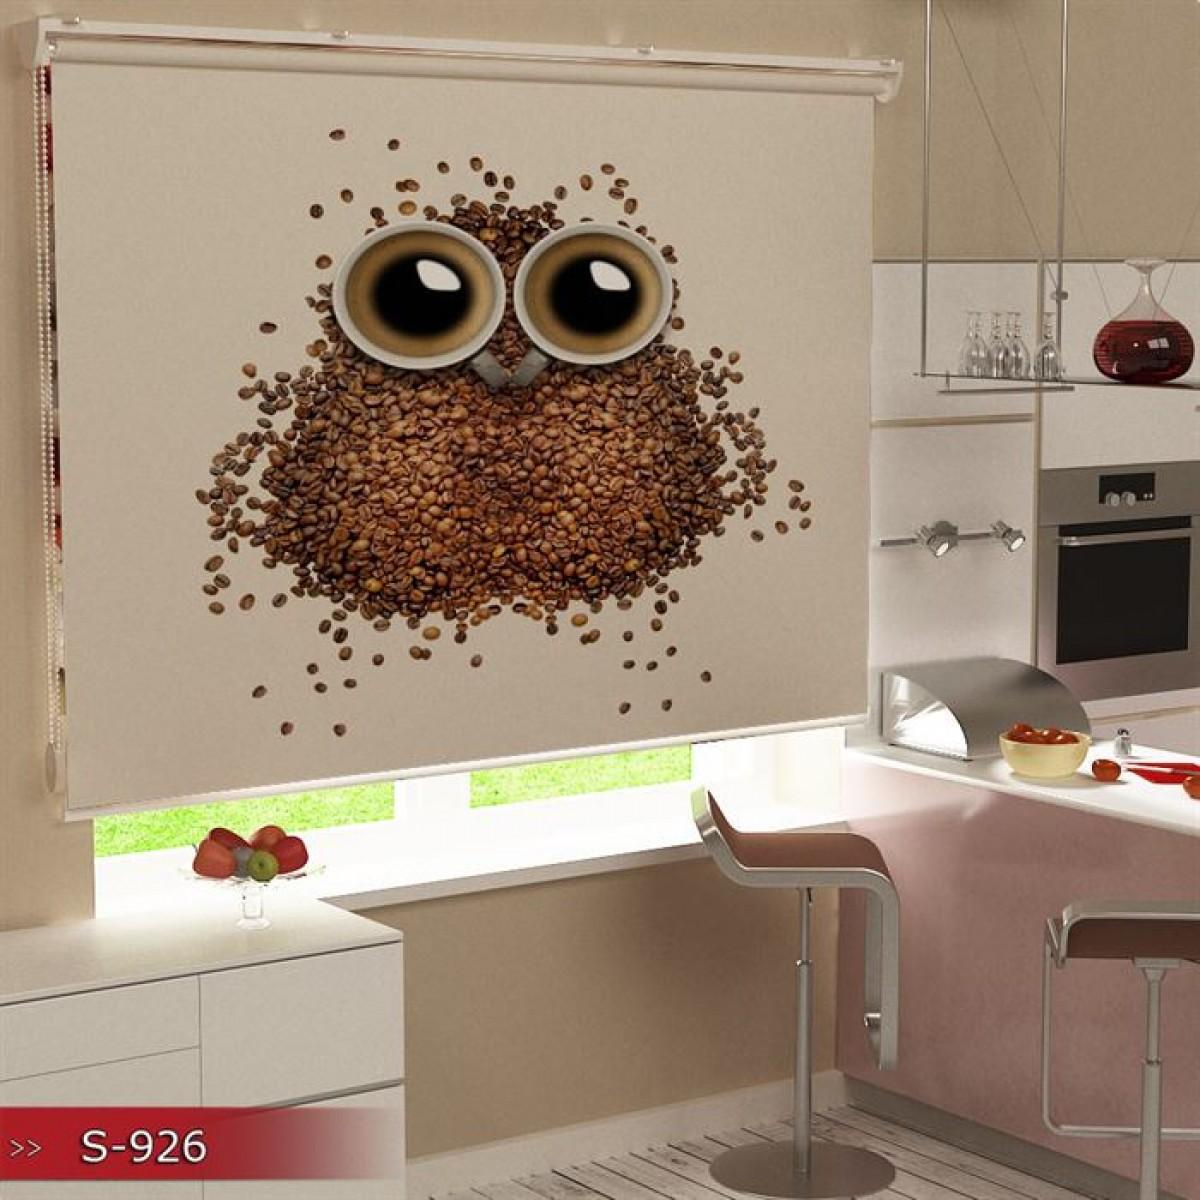 Mutfak - Baykuş ve Kahveler Baskılı Stor Perde - (GÜNEŞLİK)